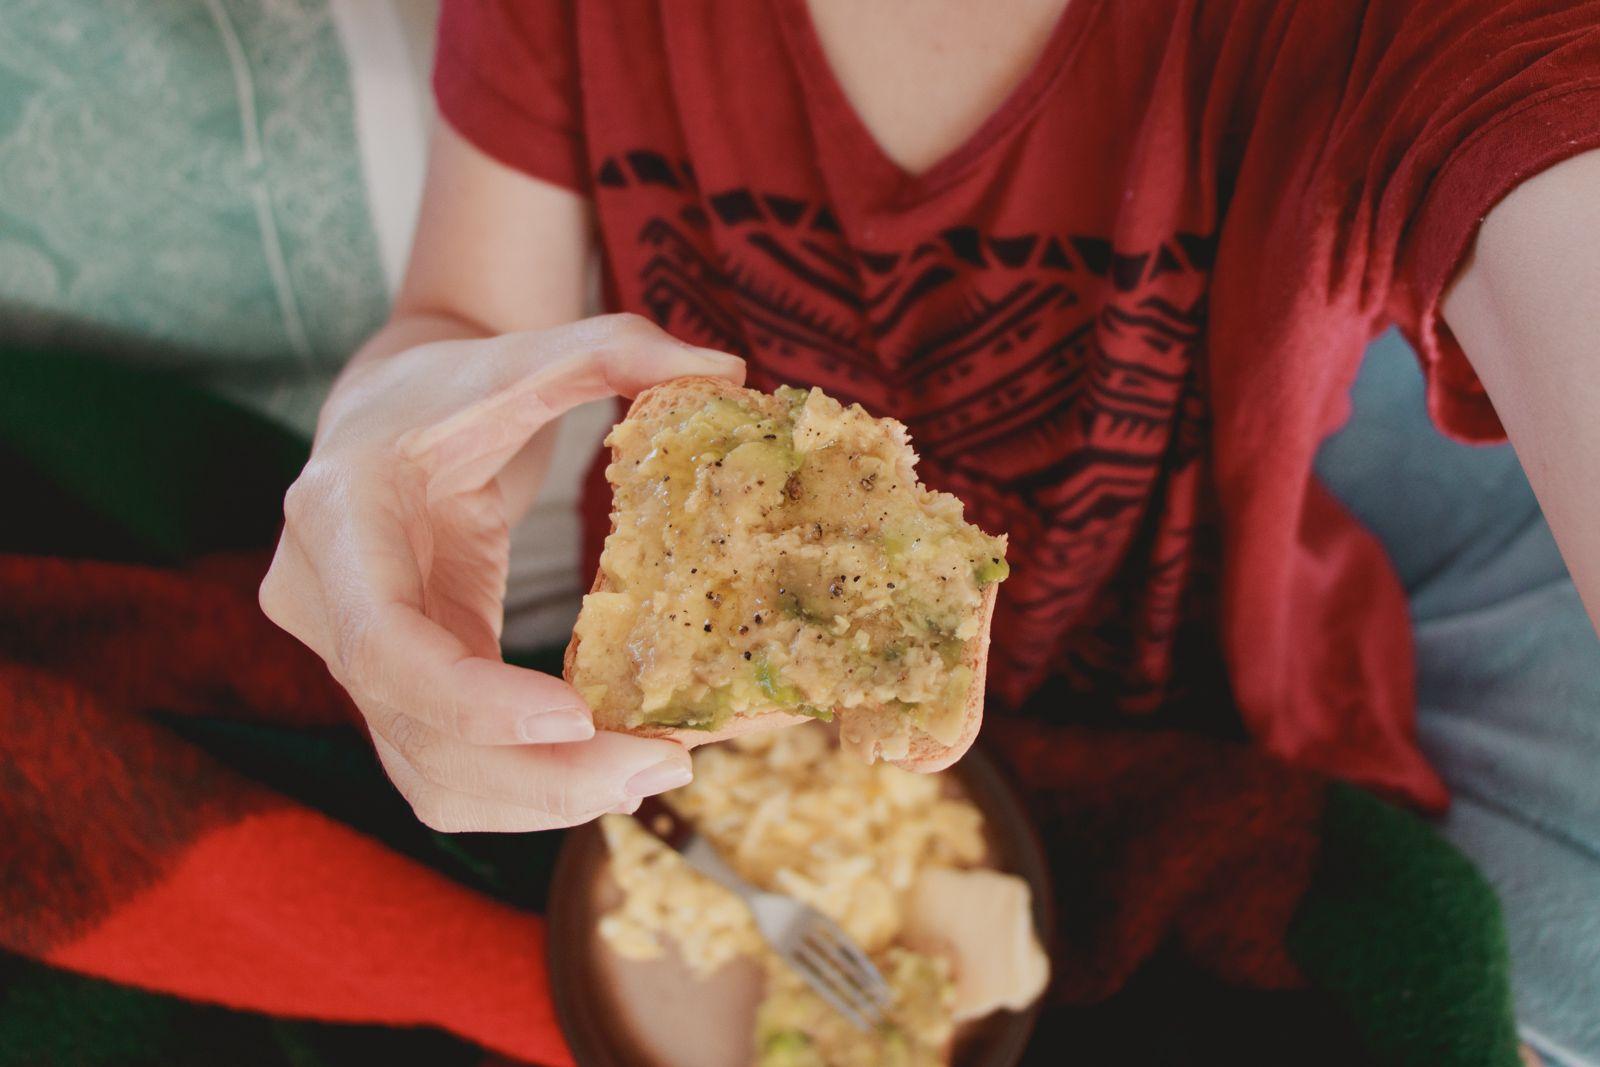 torradas e avocado Sexta-feira santa e páscoa | RESUMINHO